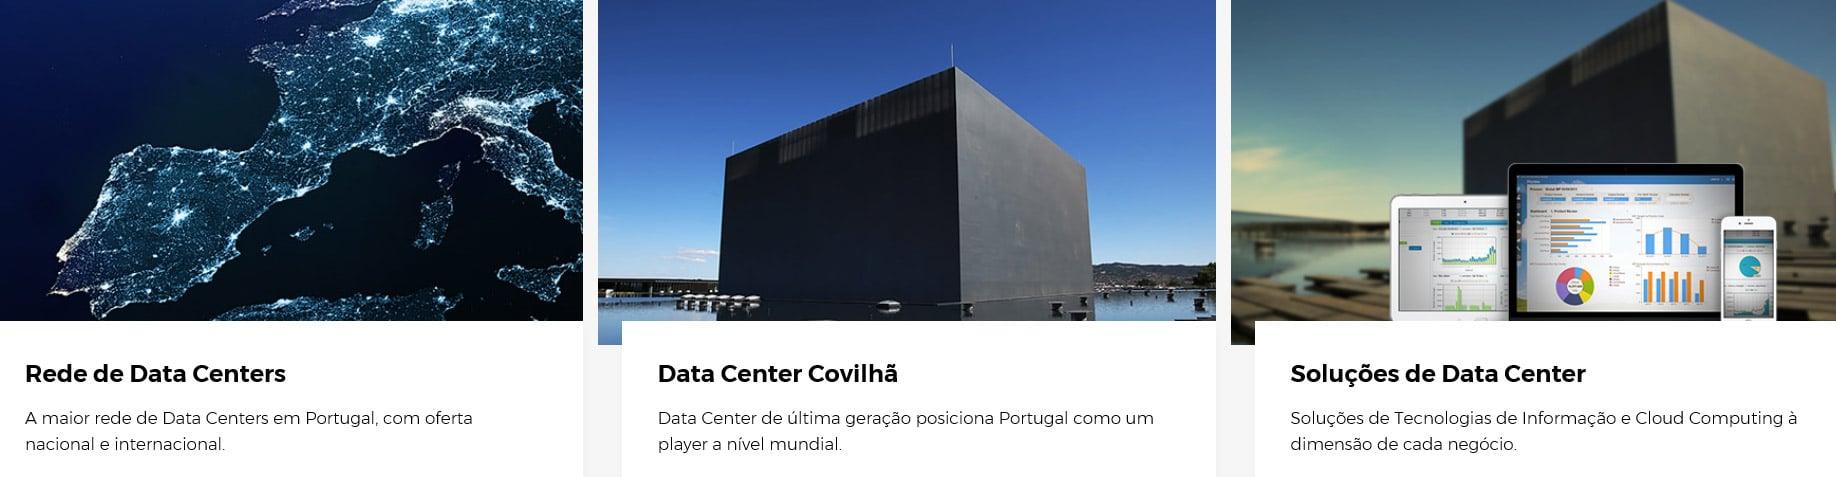 Data Centers em Portugal